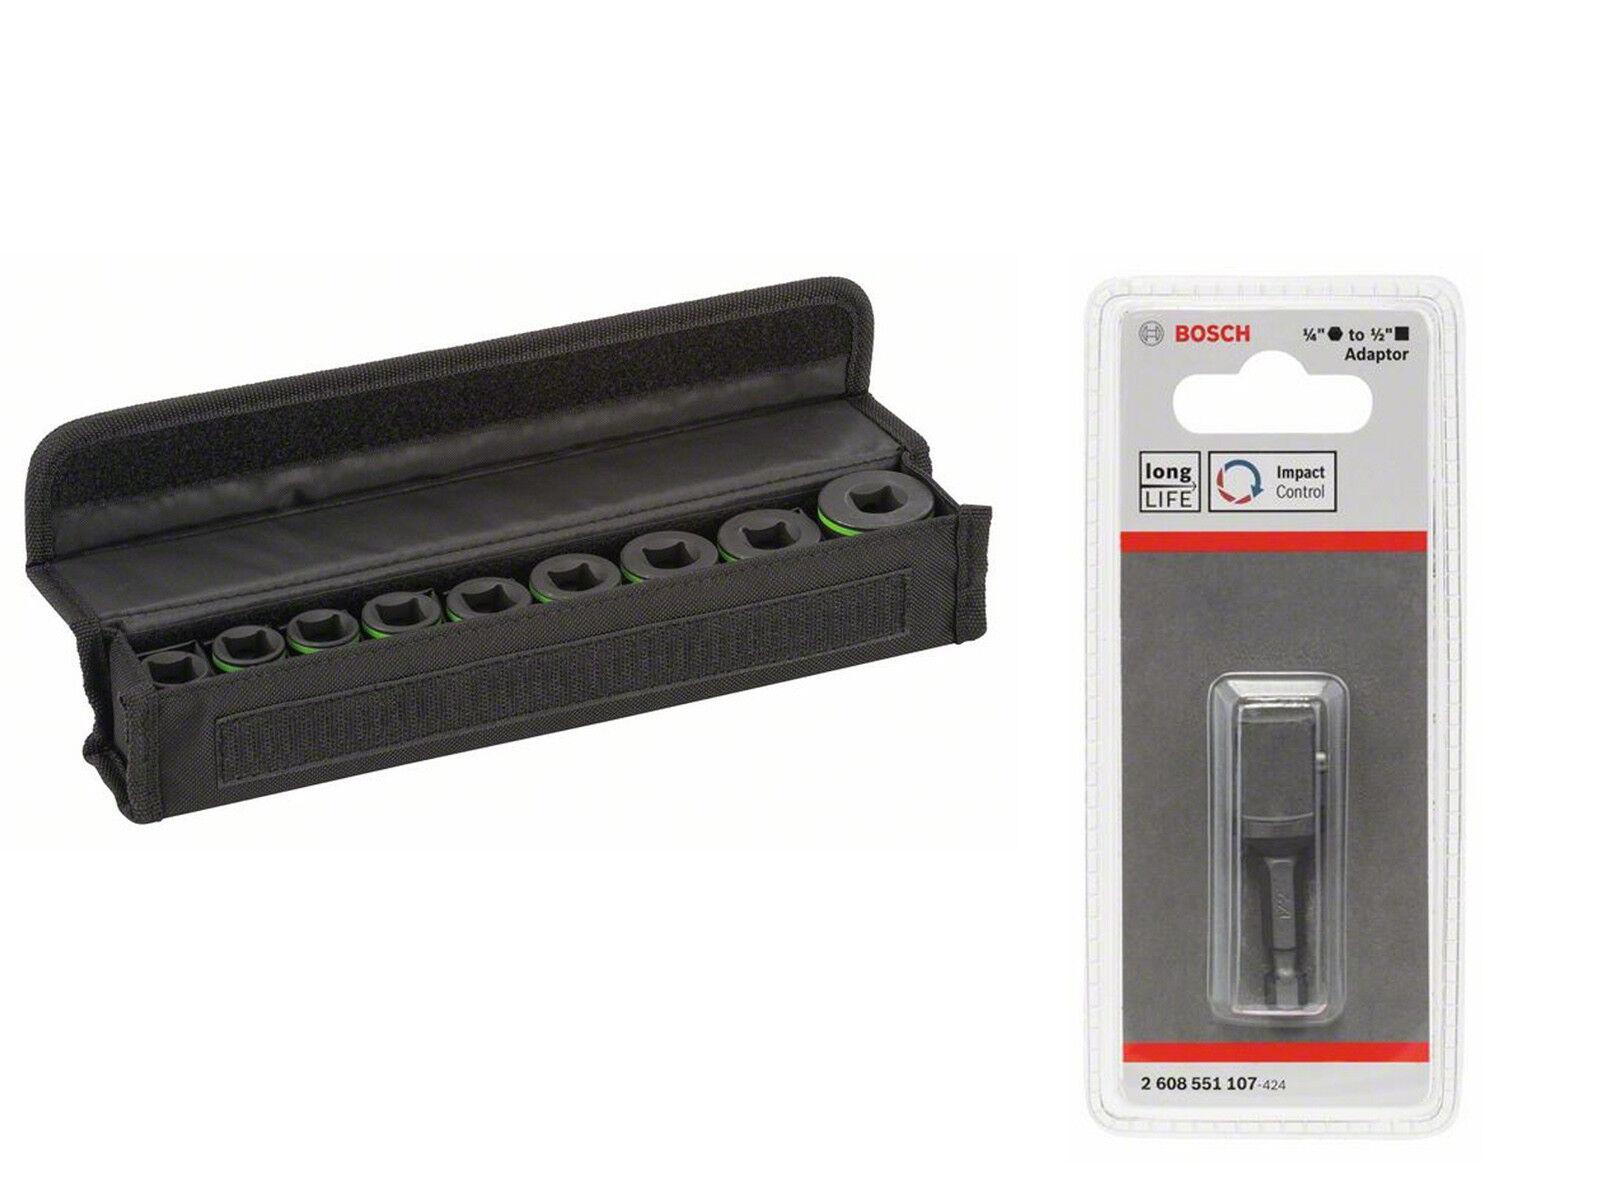 BOSCH 2608551107 Impact Control Adattatore Adattatore Adattatore  2608551100 Impact Control riprese | Prima Consumatori  | adottare  | Trendy  f9d6d7